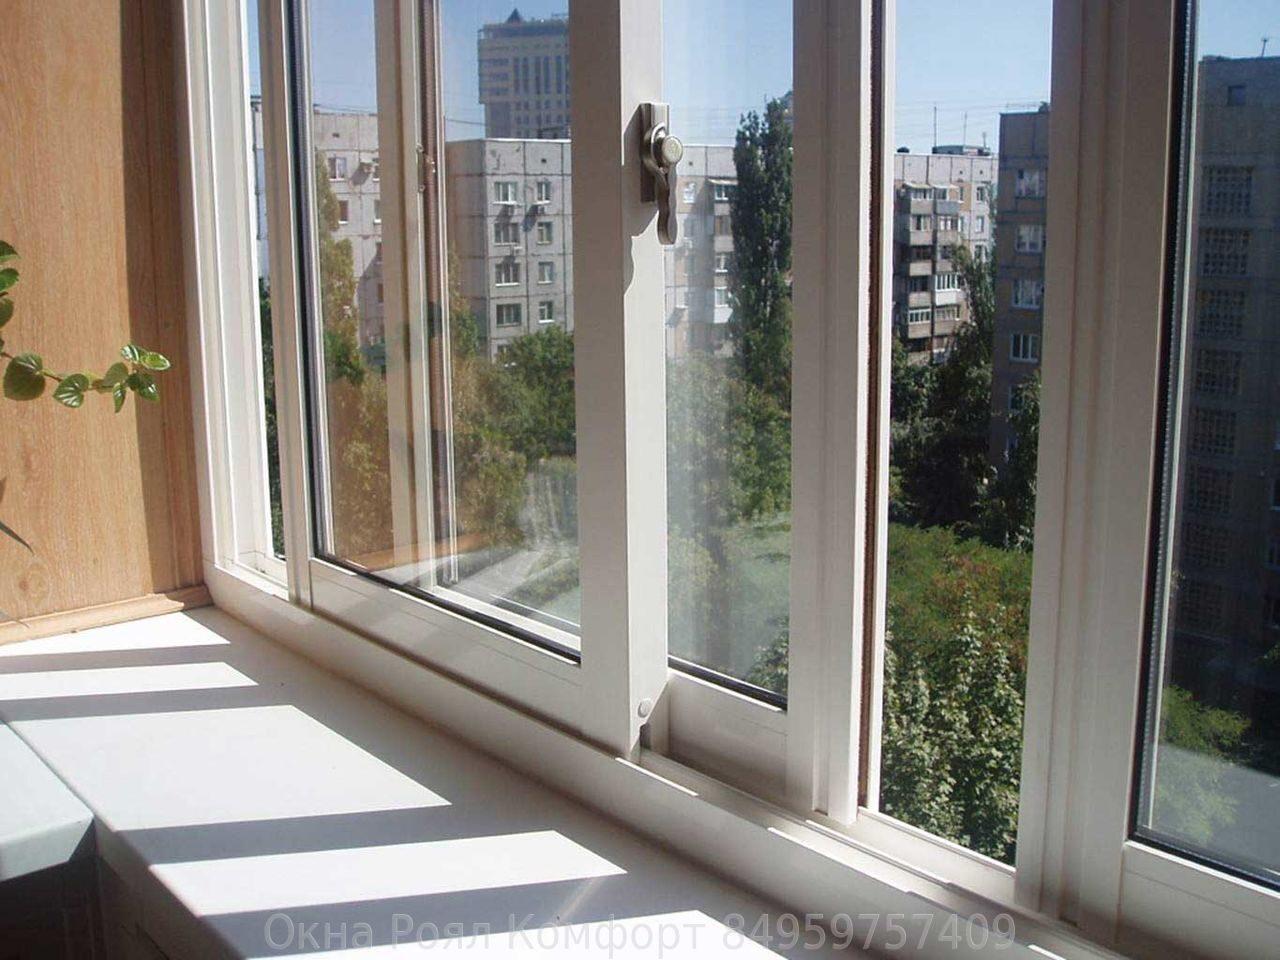 Остекление балконов в клину цены балконы фото остекления